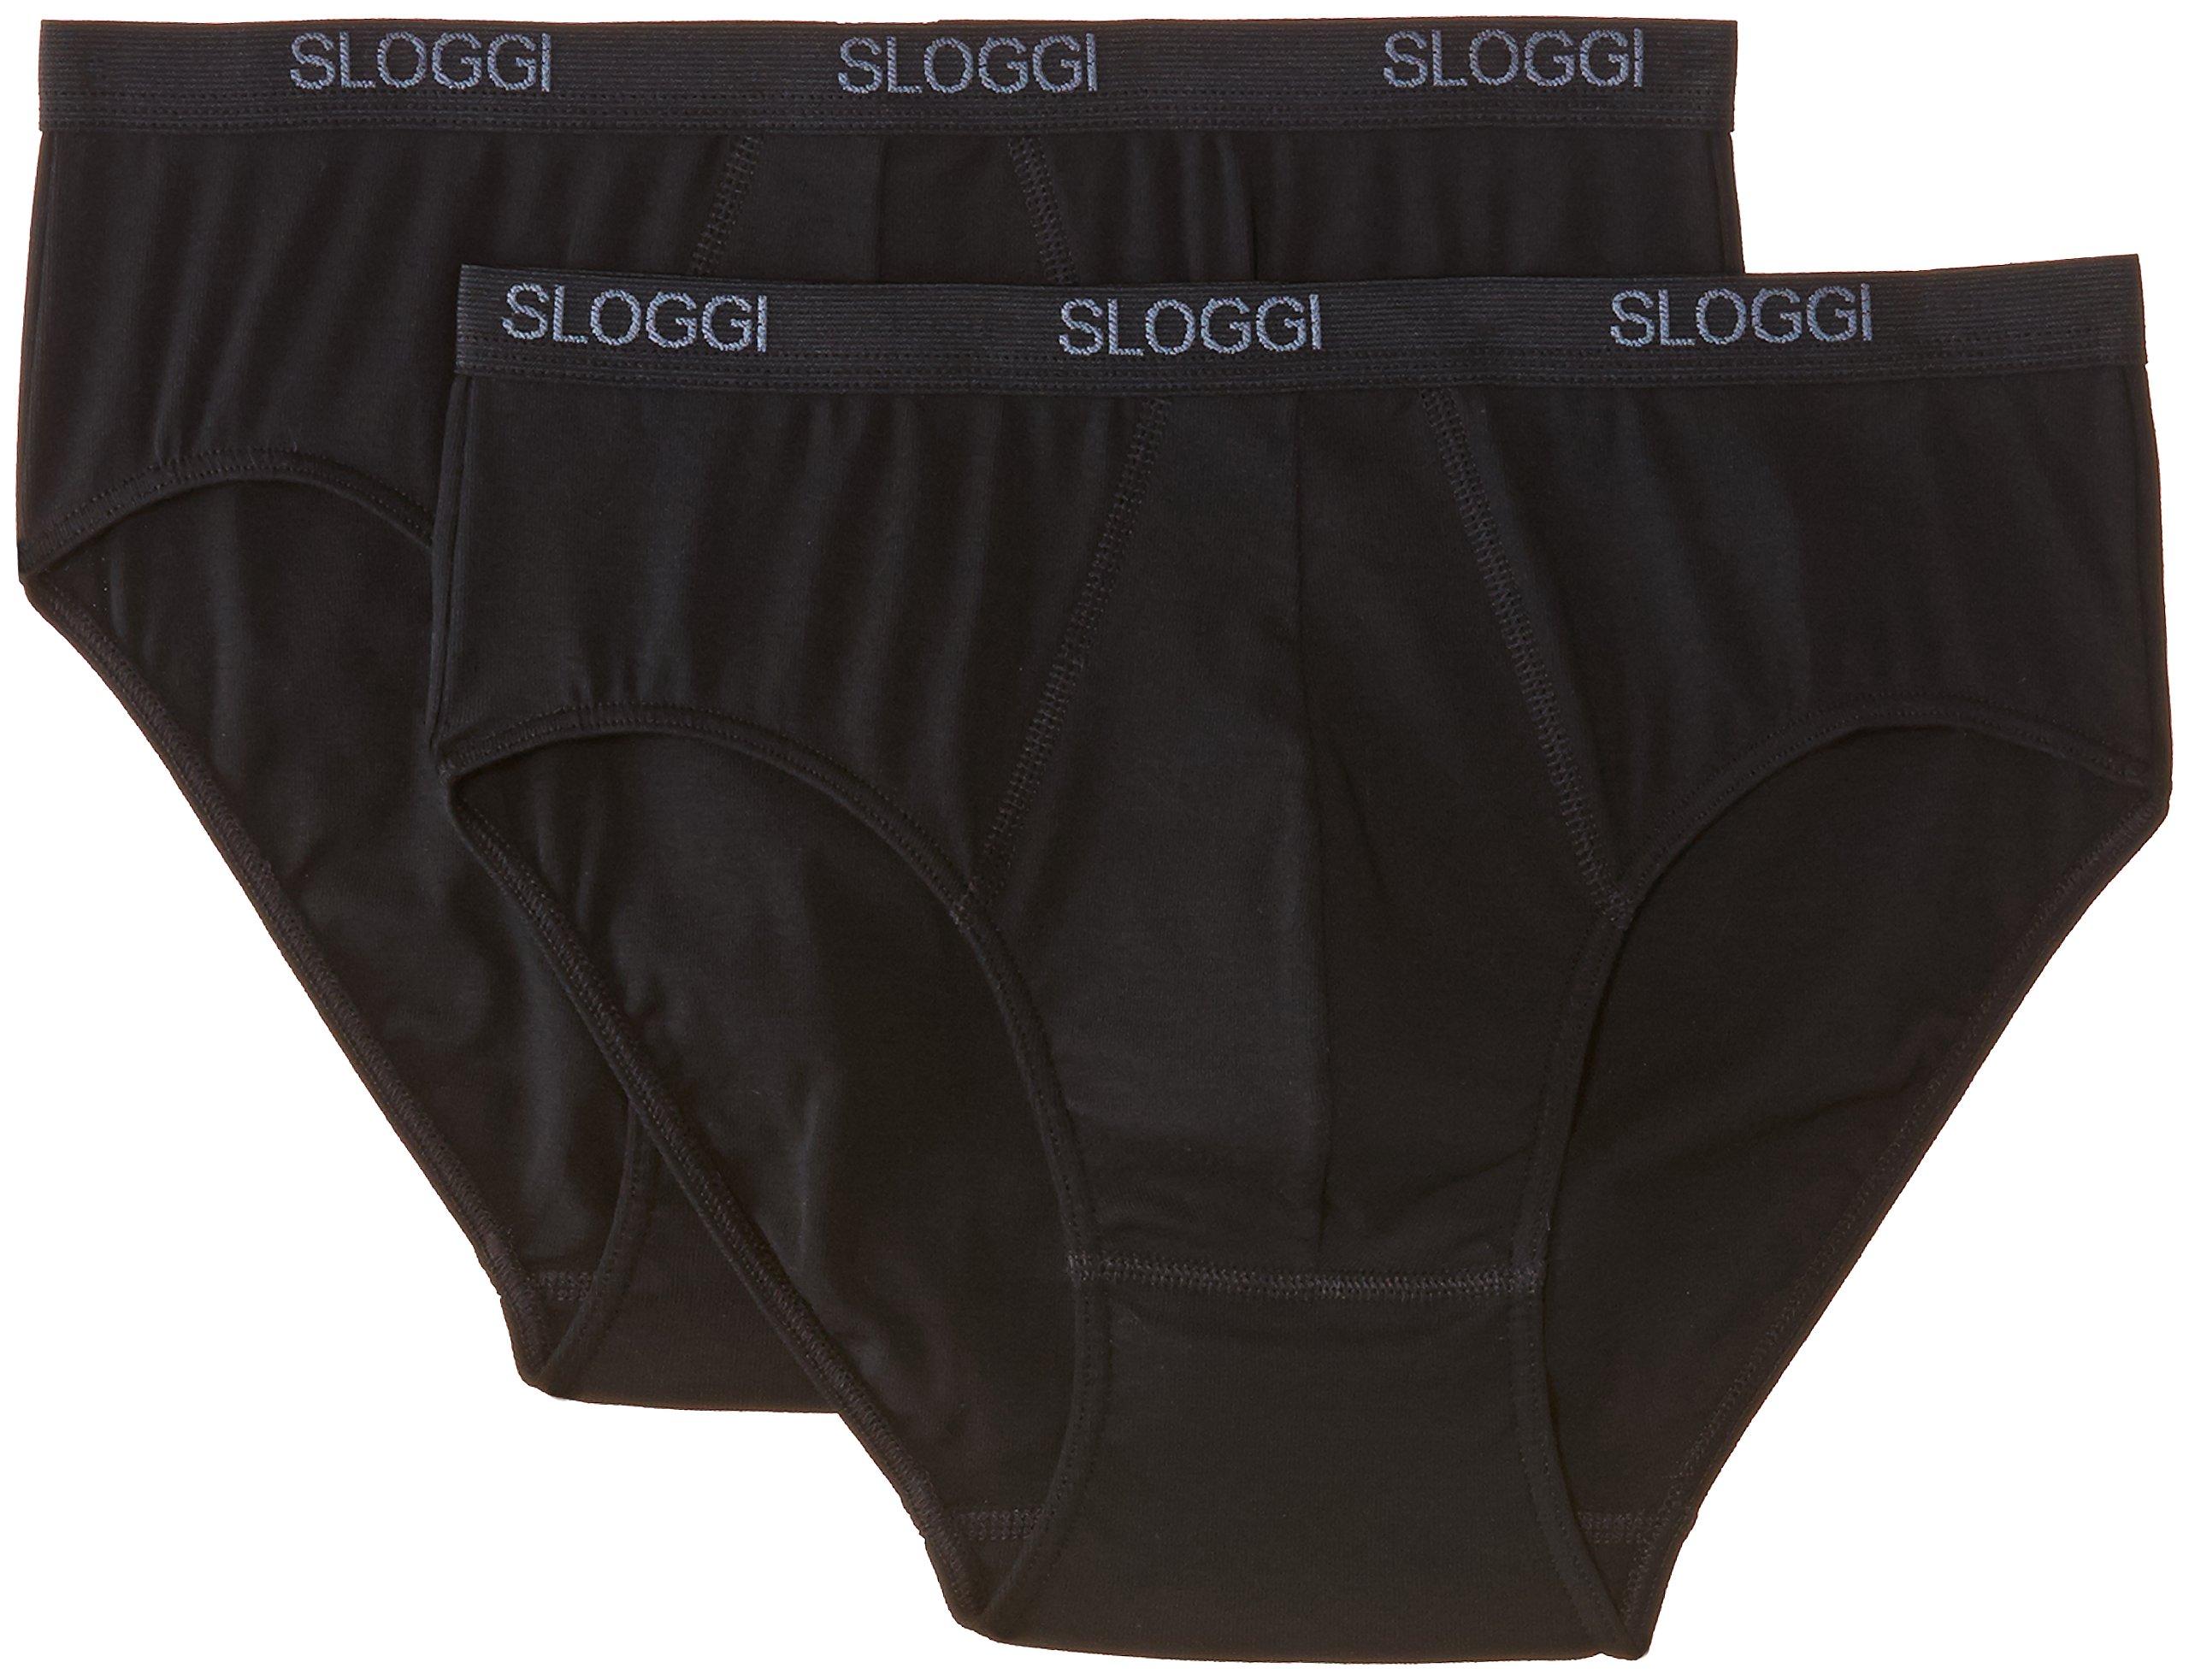 Sloggi Herren Slip Sloggi for men 1QR12